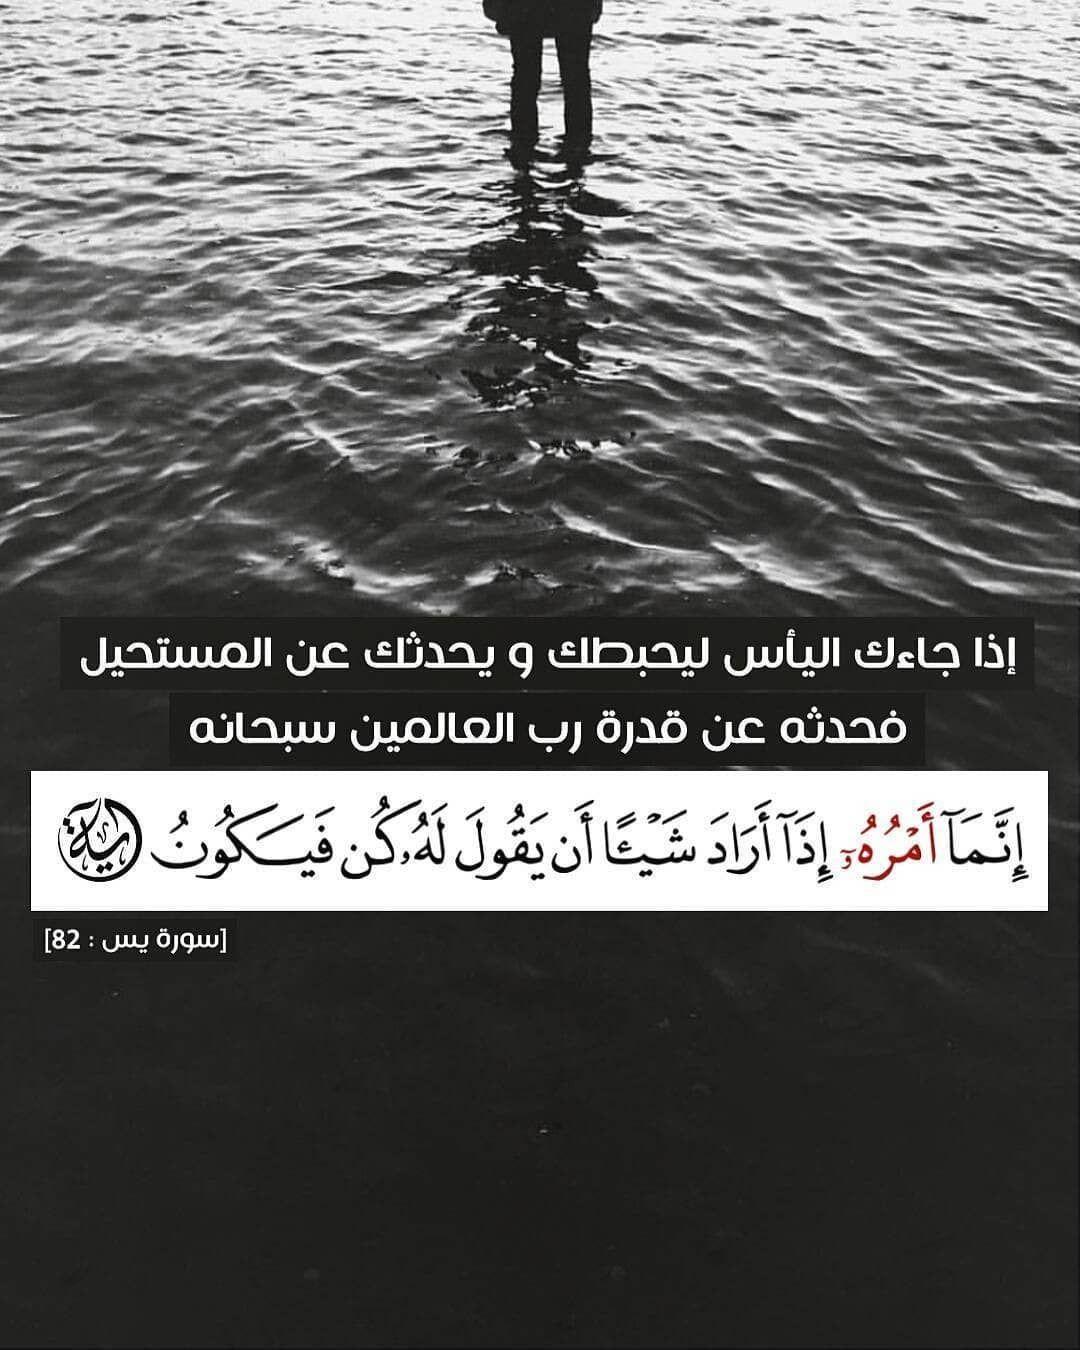 خواطر اسلامية تويتر Beautiful Arabic Words Islam Islam Quran